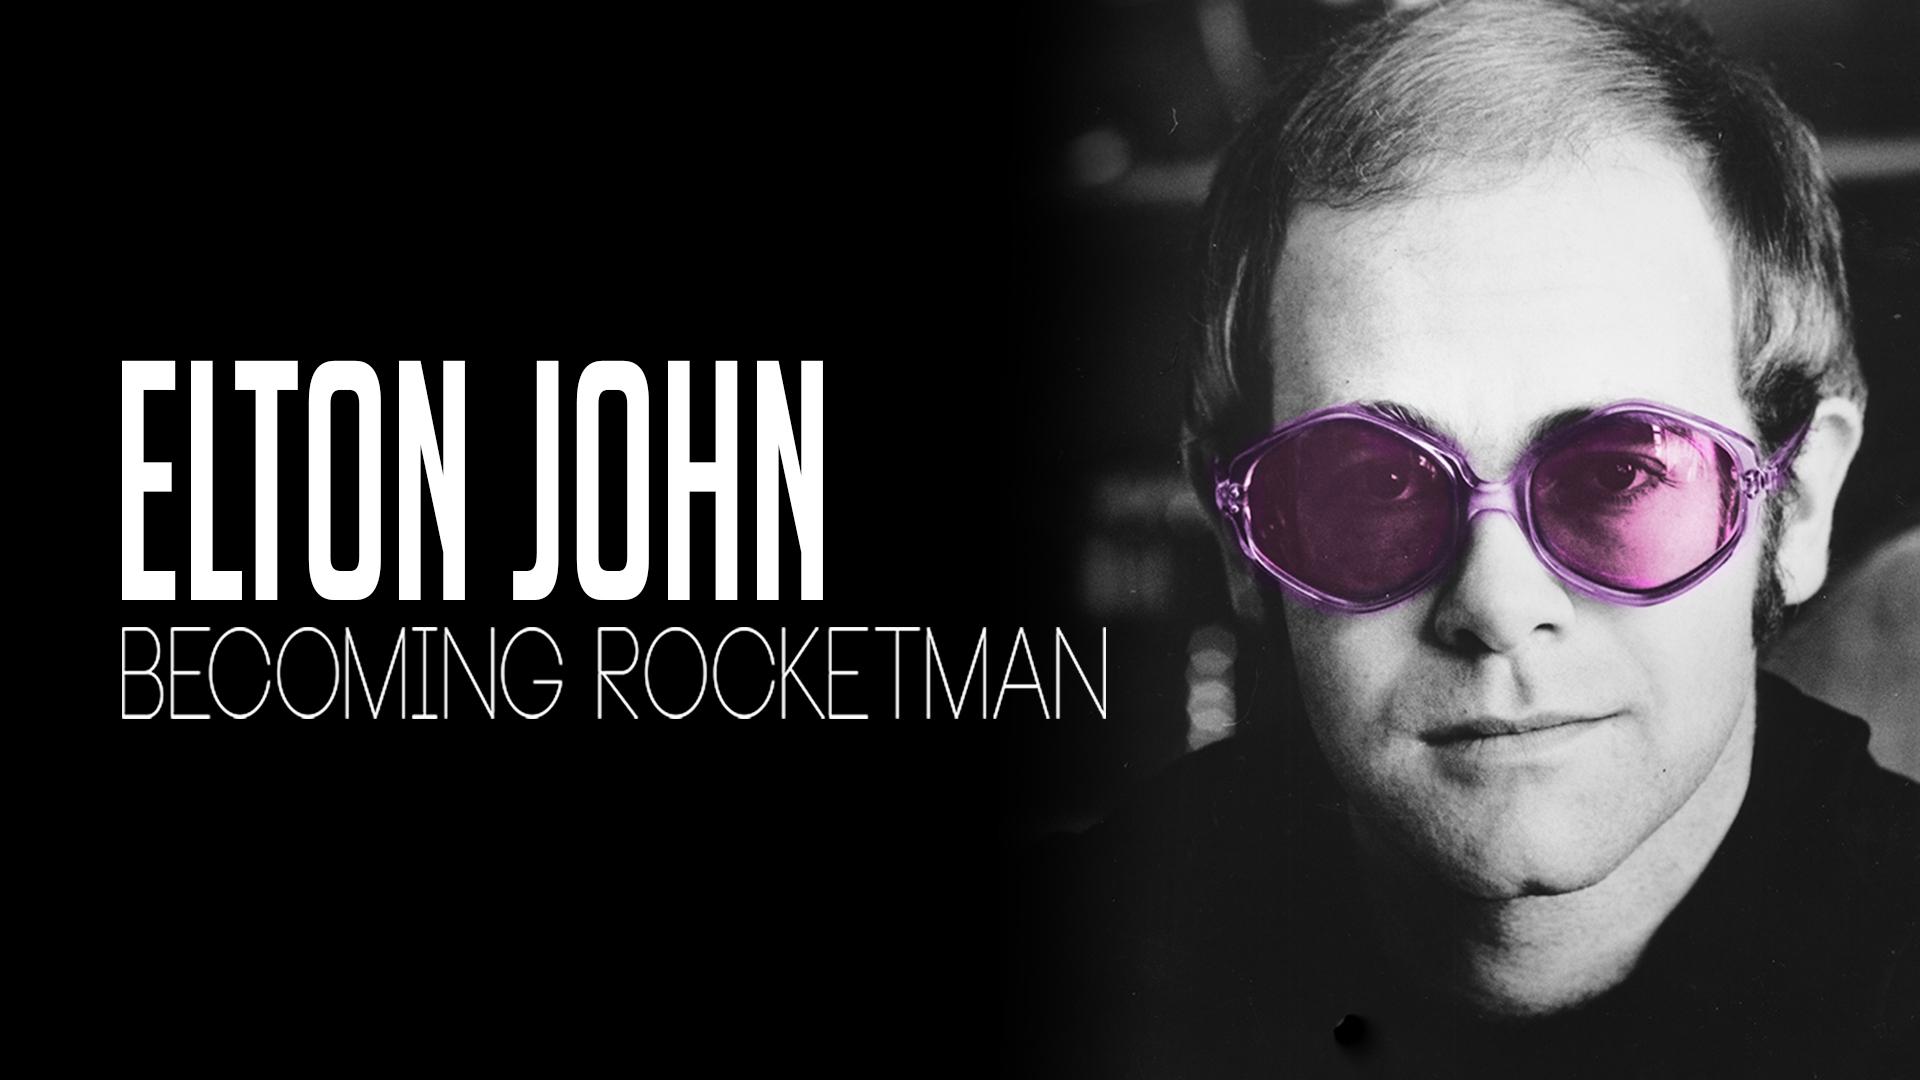 Elton John: Becoming Rocketman